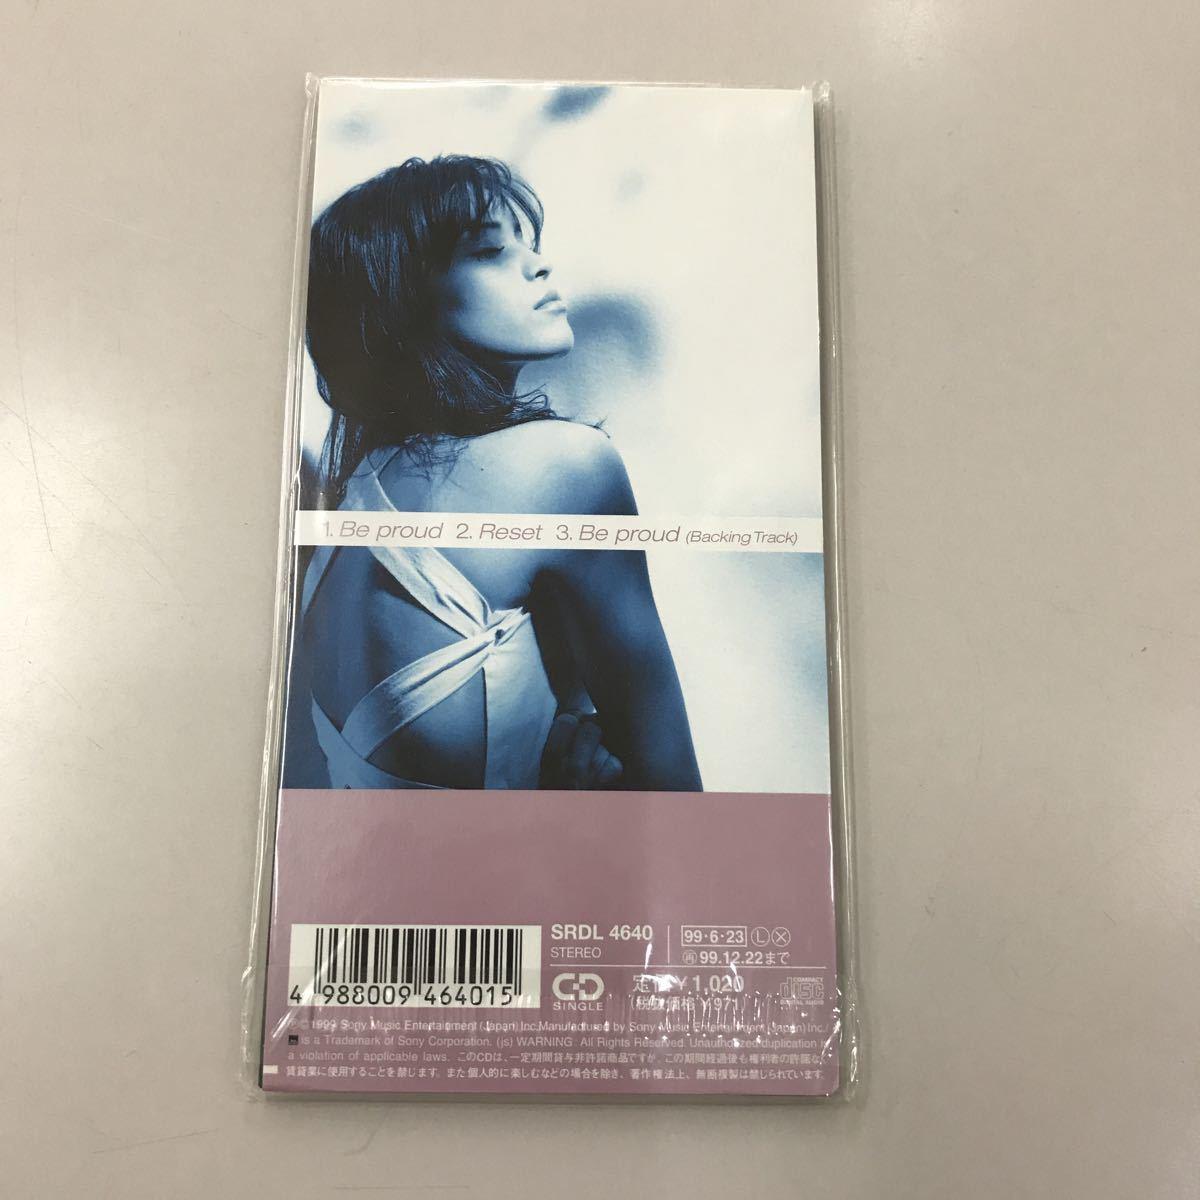 シングルCD 8センチ 中古【邦楽】長期保存品 知念里奈 Be proud